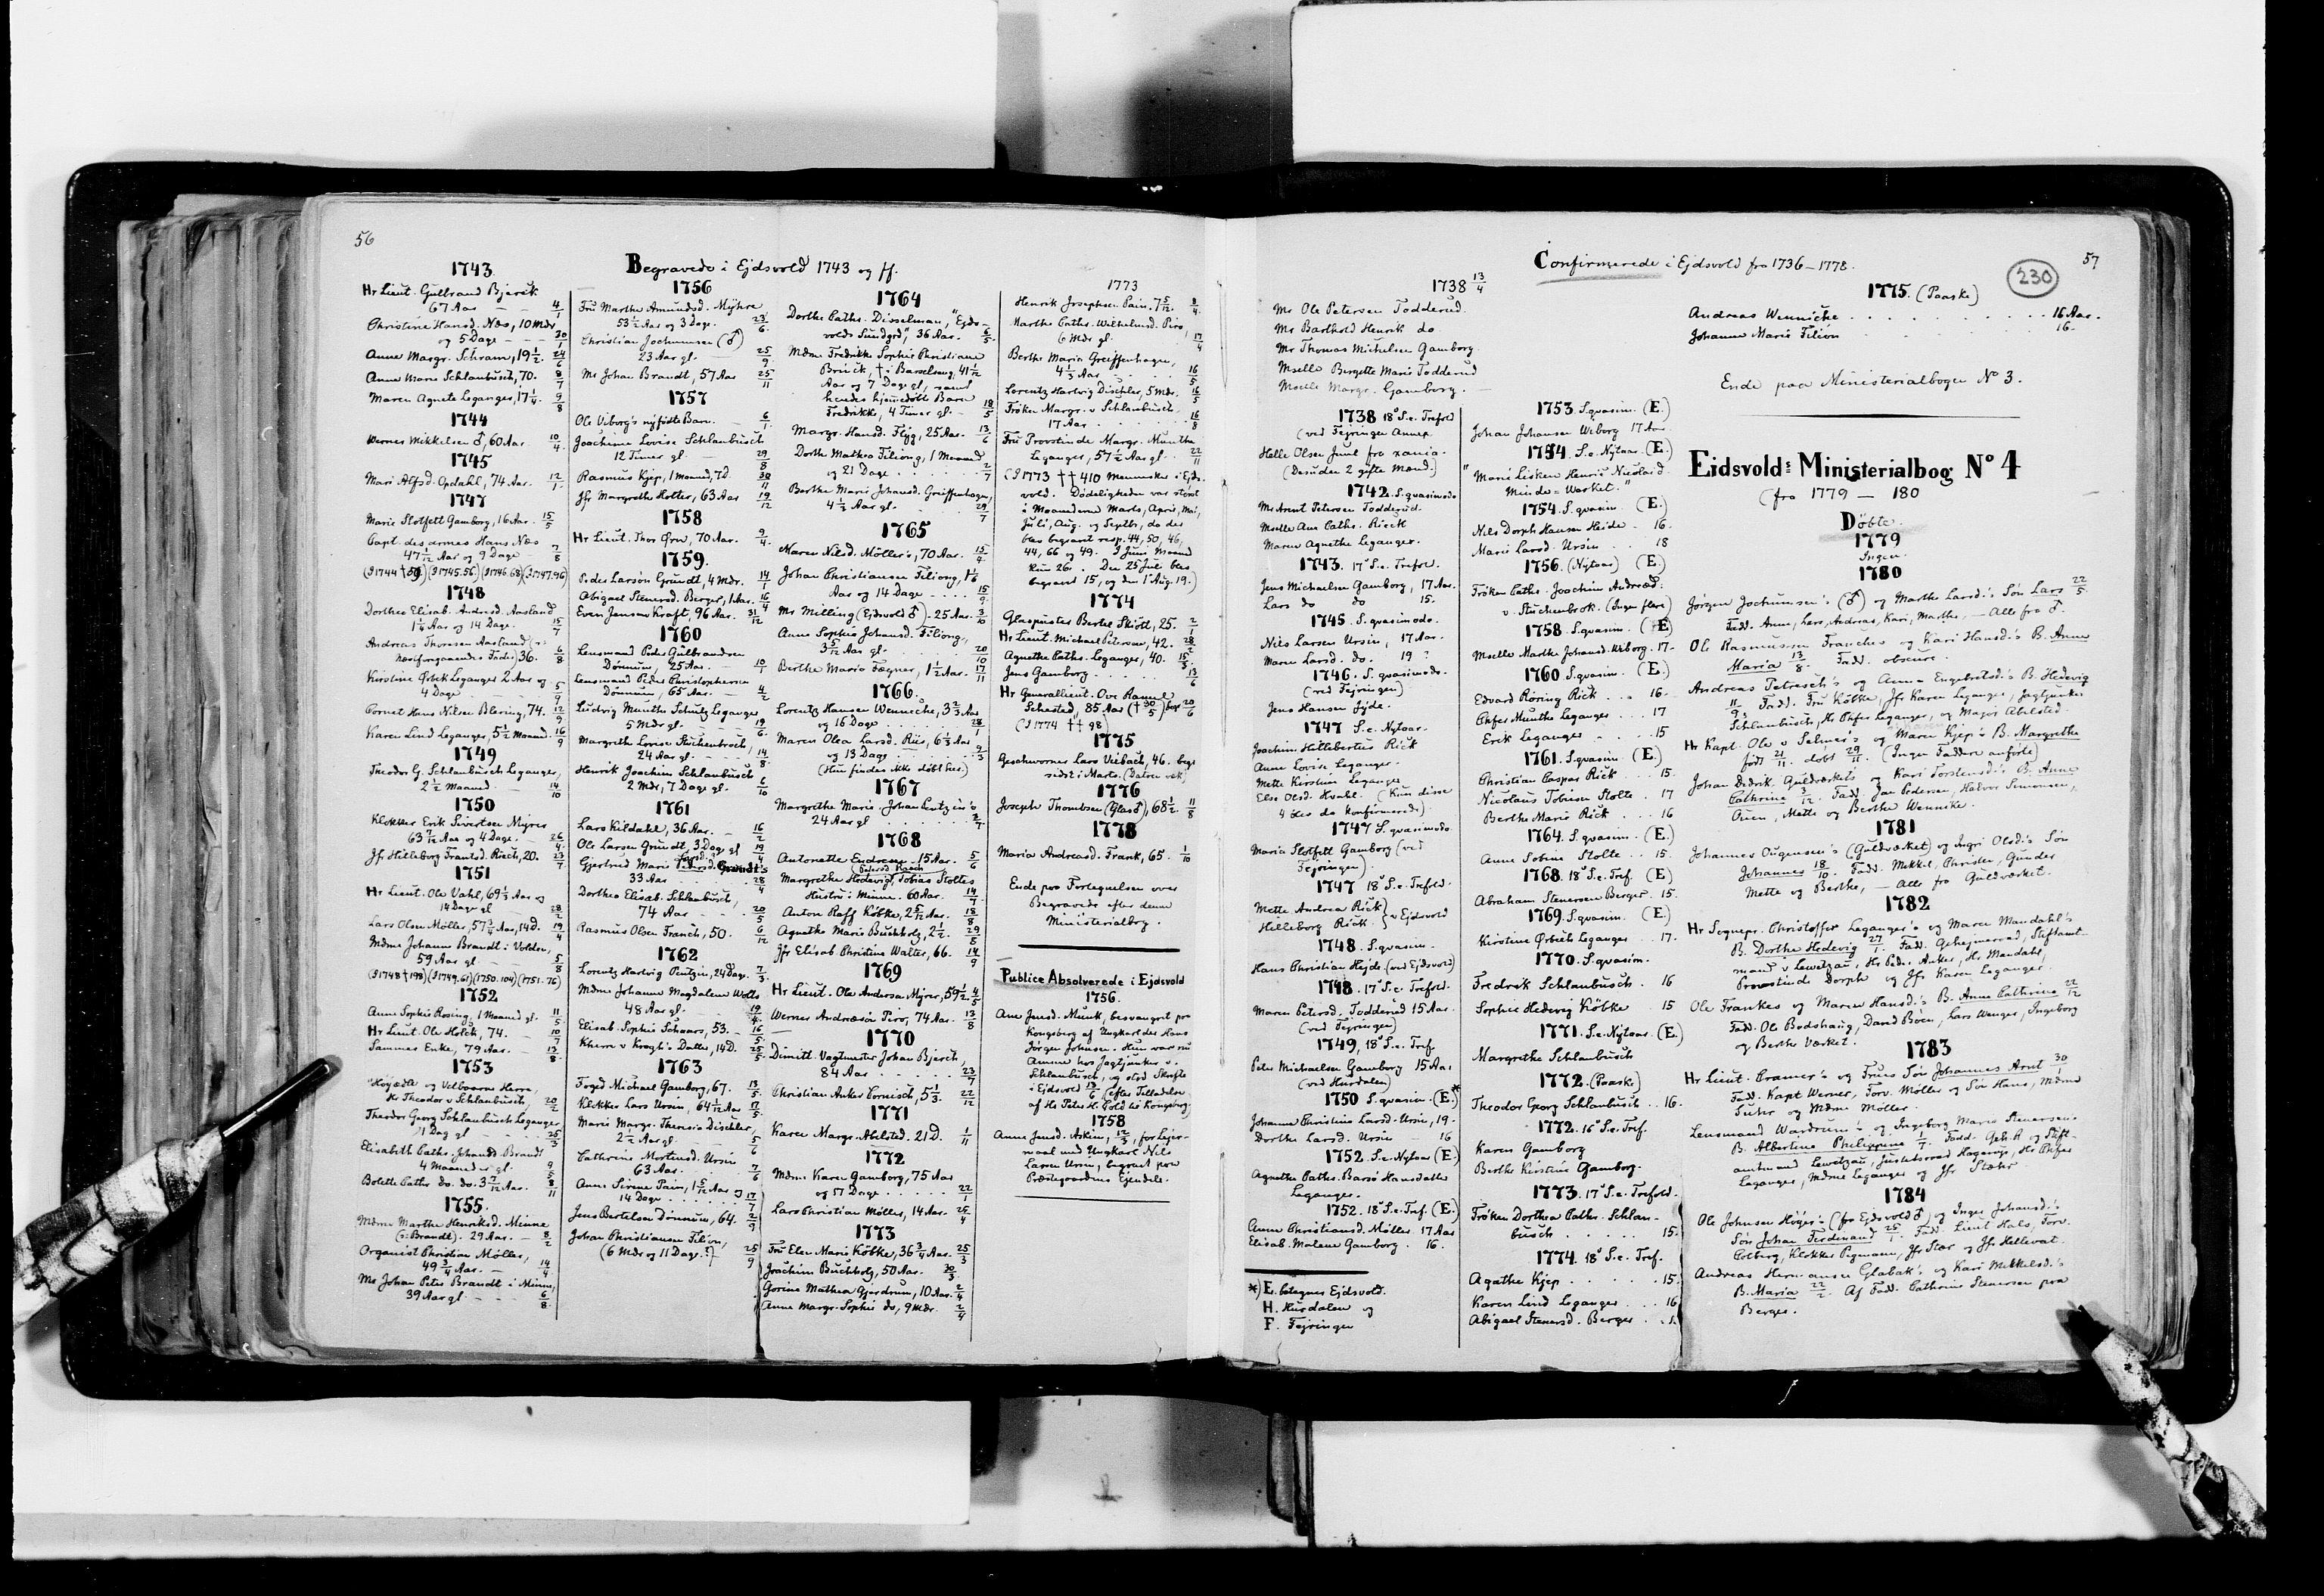 RA, Lassens samlinger, F/Fc, s. 230